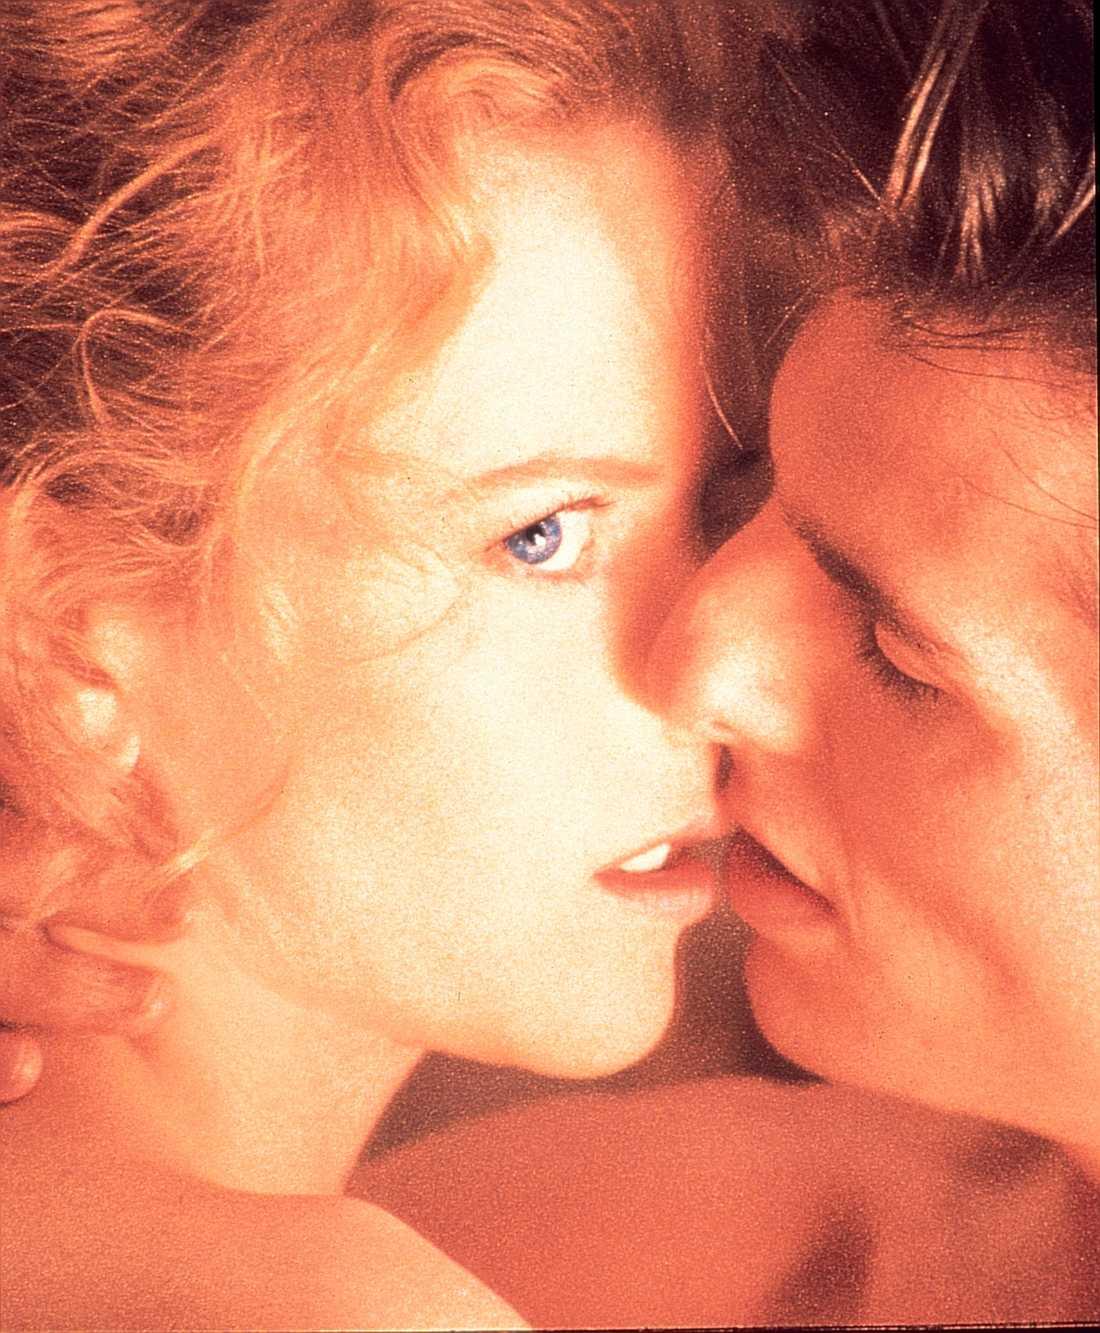 """FLER SOM KYSST CRUISE Nicole Kidman i """"Eyes wide shut"""" och """"Days of thunder"""". Även tidigare gift med Tom Cruise."""